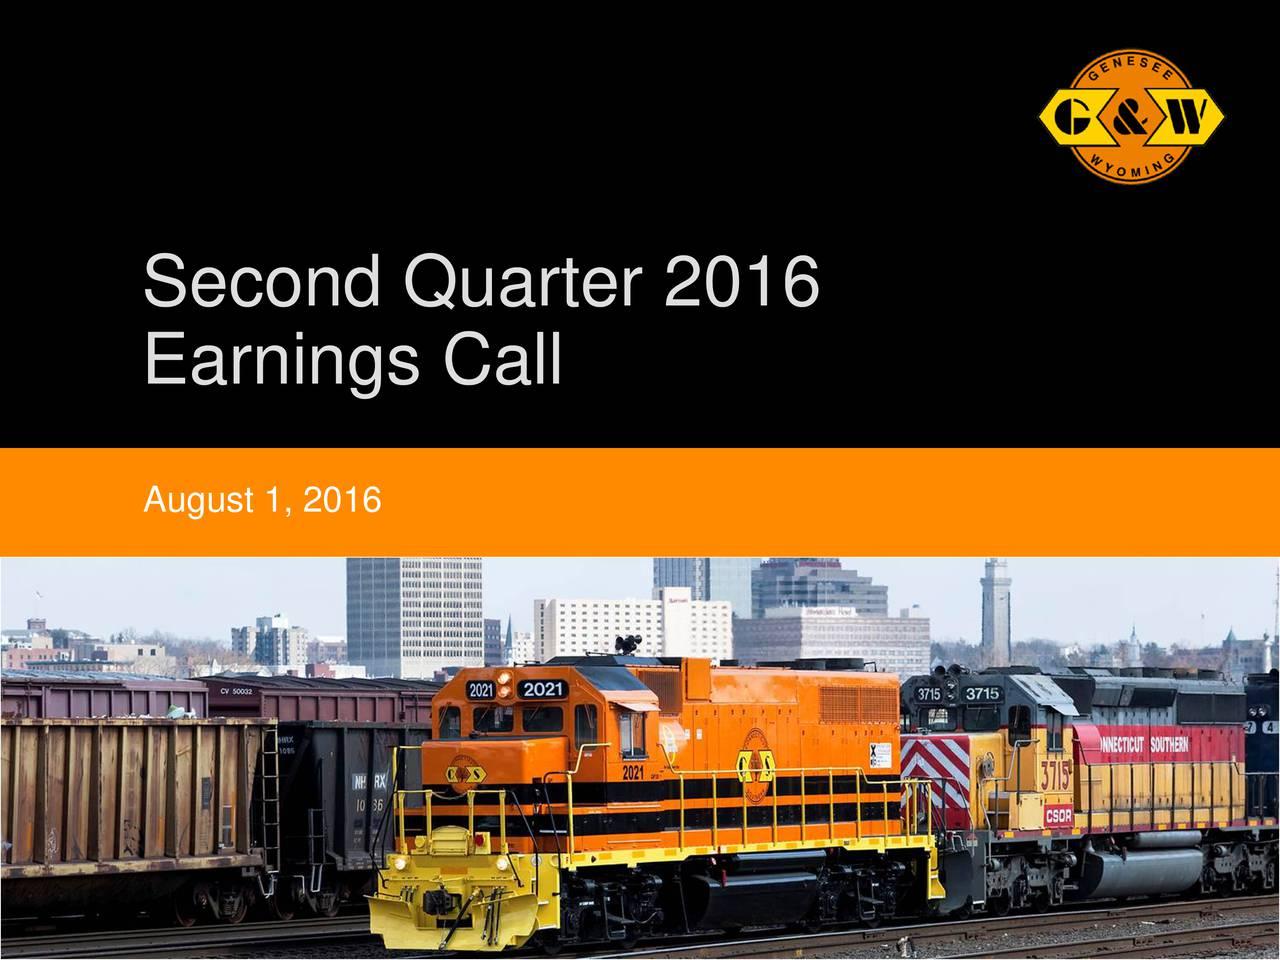 Earnings Call August 1, 2016 Genesee & Wyoming Inc. 1